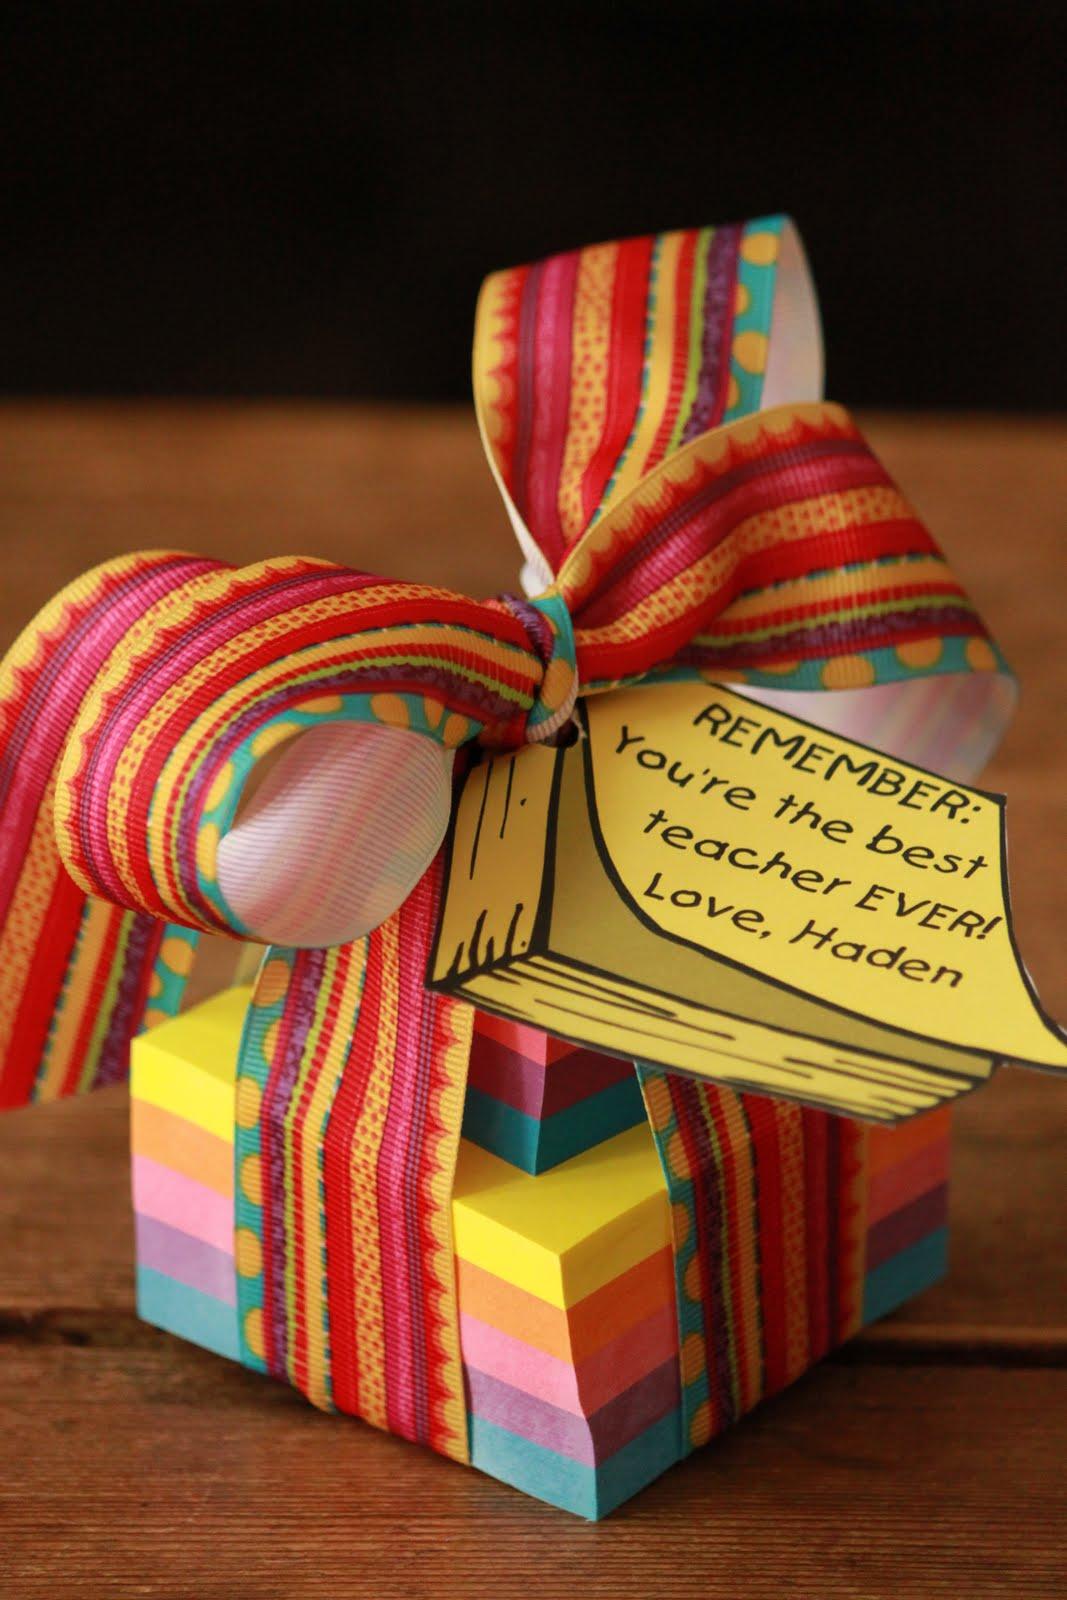 Teacher Gift For Christmas: The Blackberry Vine: My Top Ten Teacher Gifts